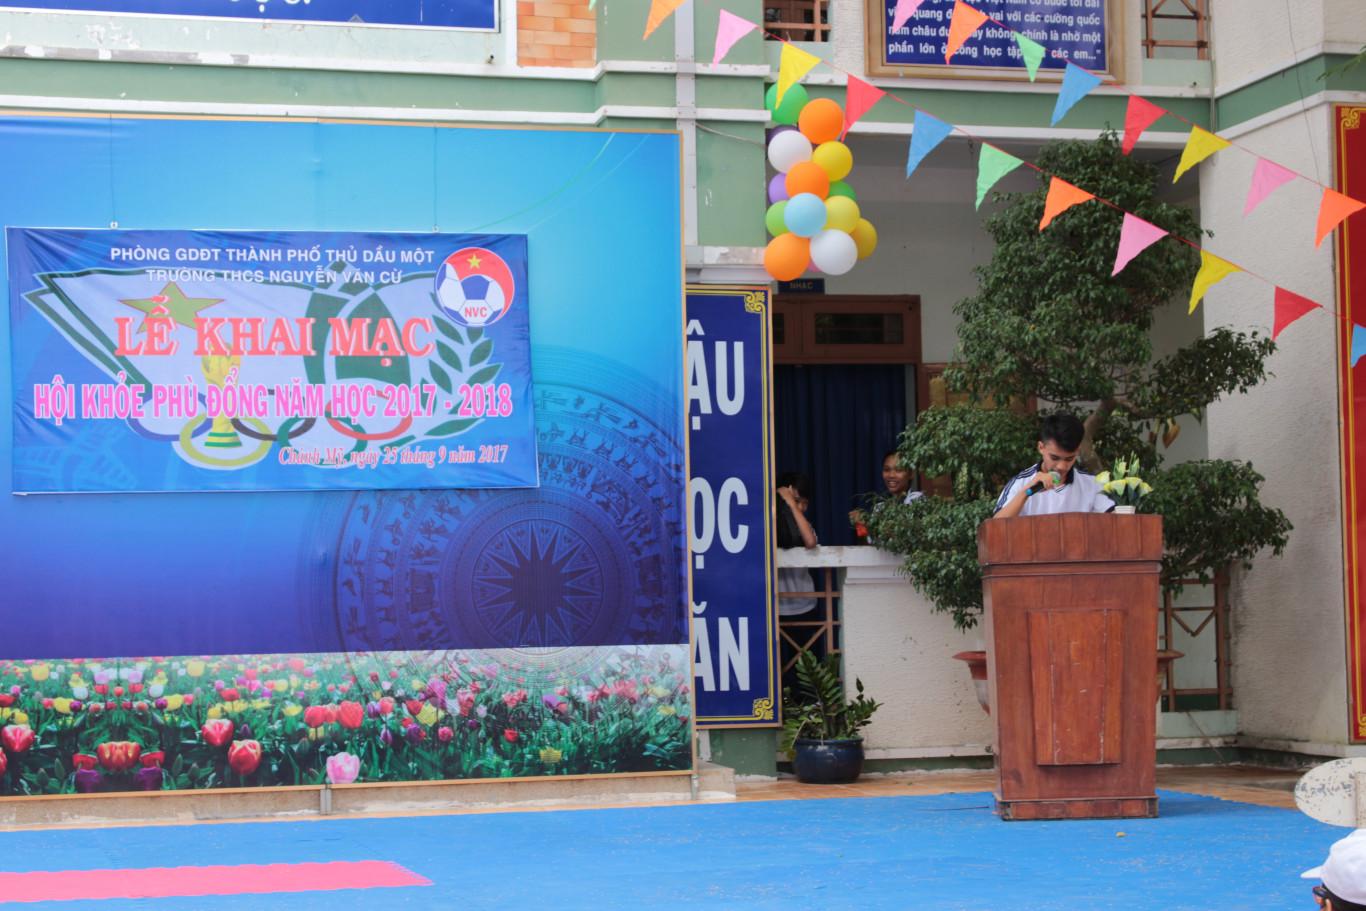 VĐV tiêu biểu Mai Lê Thanh Phong đọc lời hứa